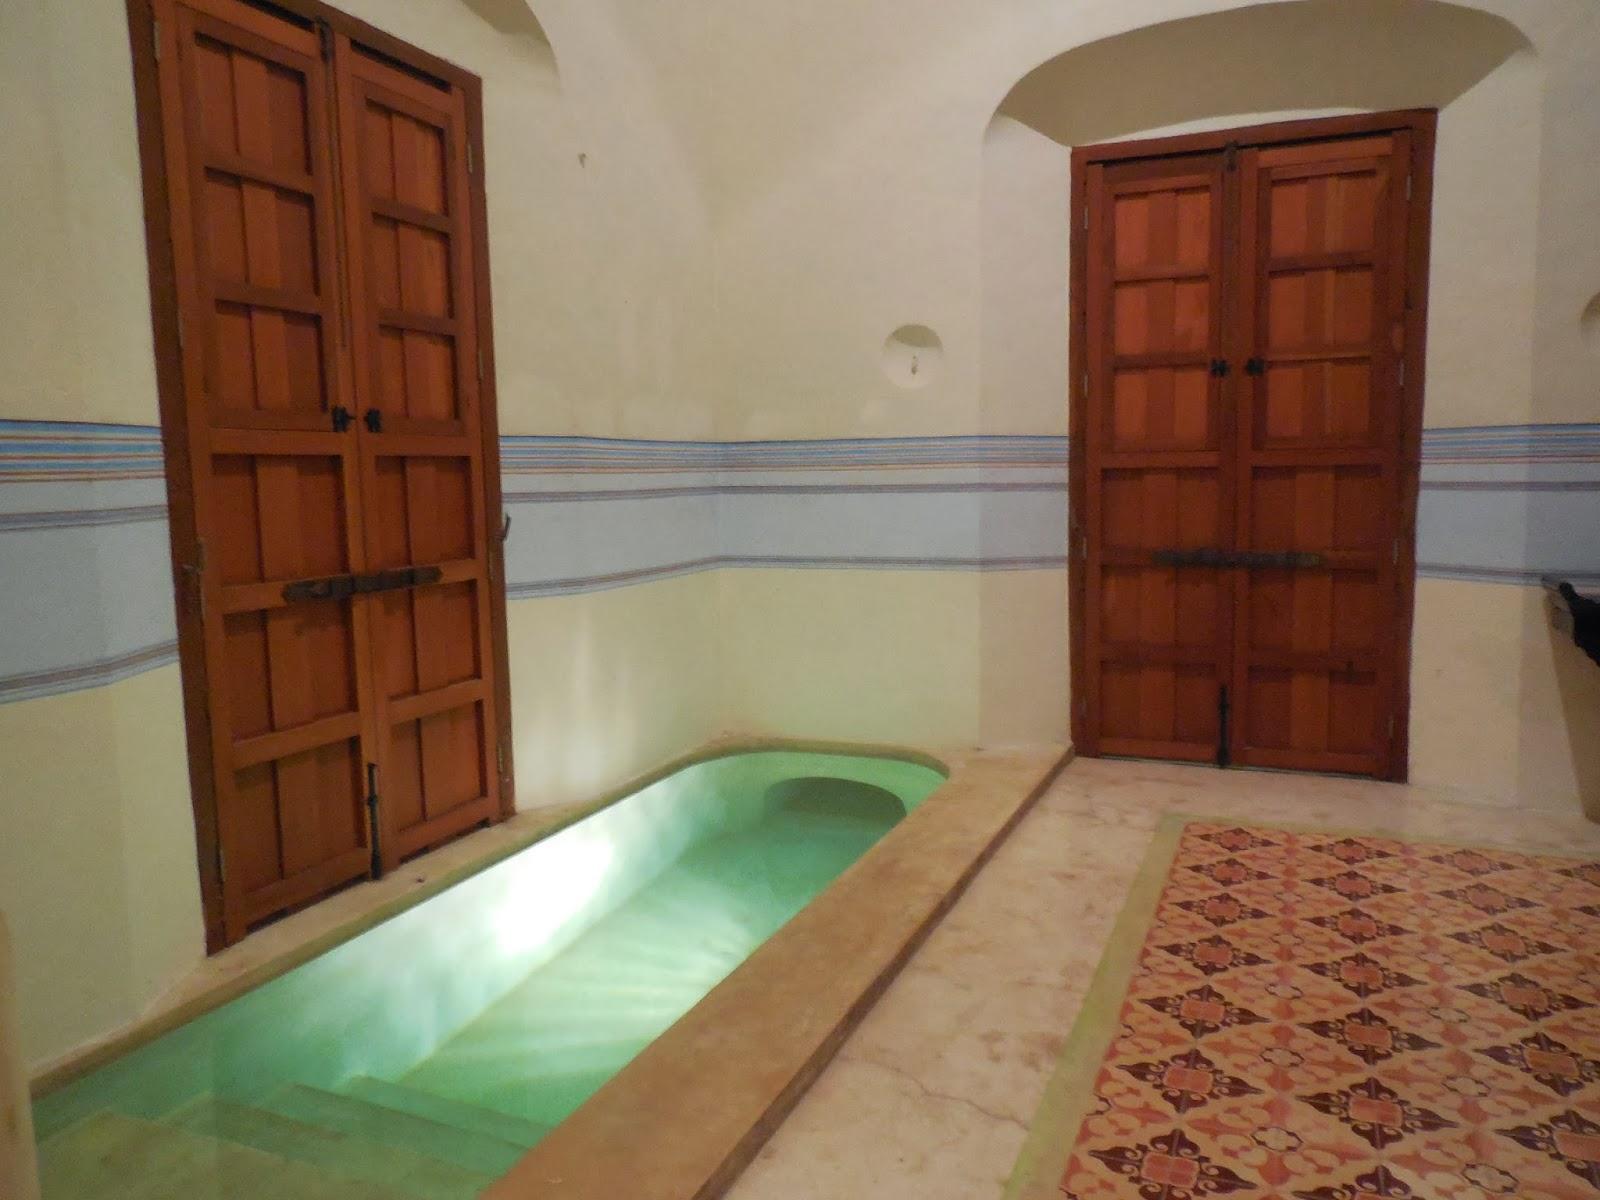 Hermoso Habitaciones Con Piscina Dentro Behomeinfo Todo Sobre - Habitaciones-con-piscina-dentro